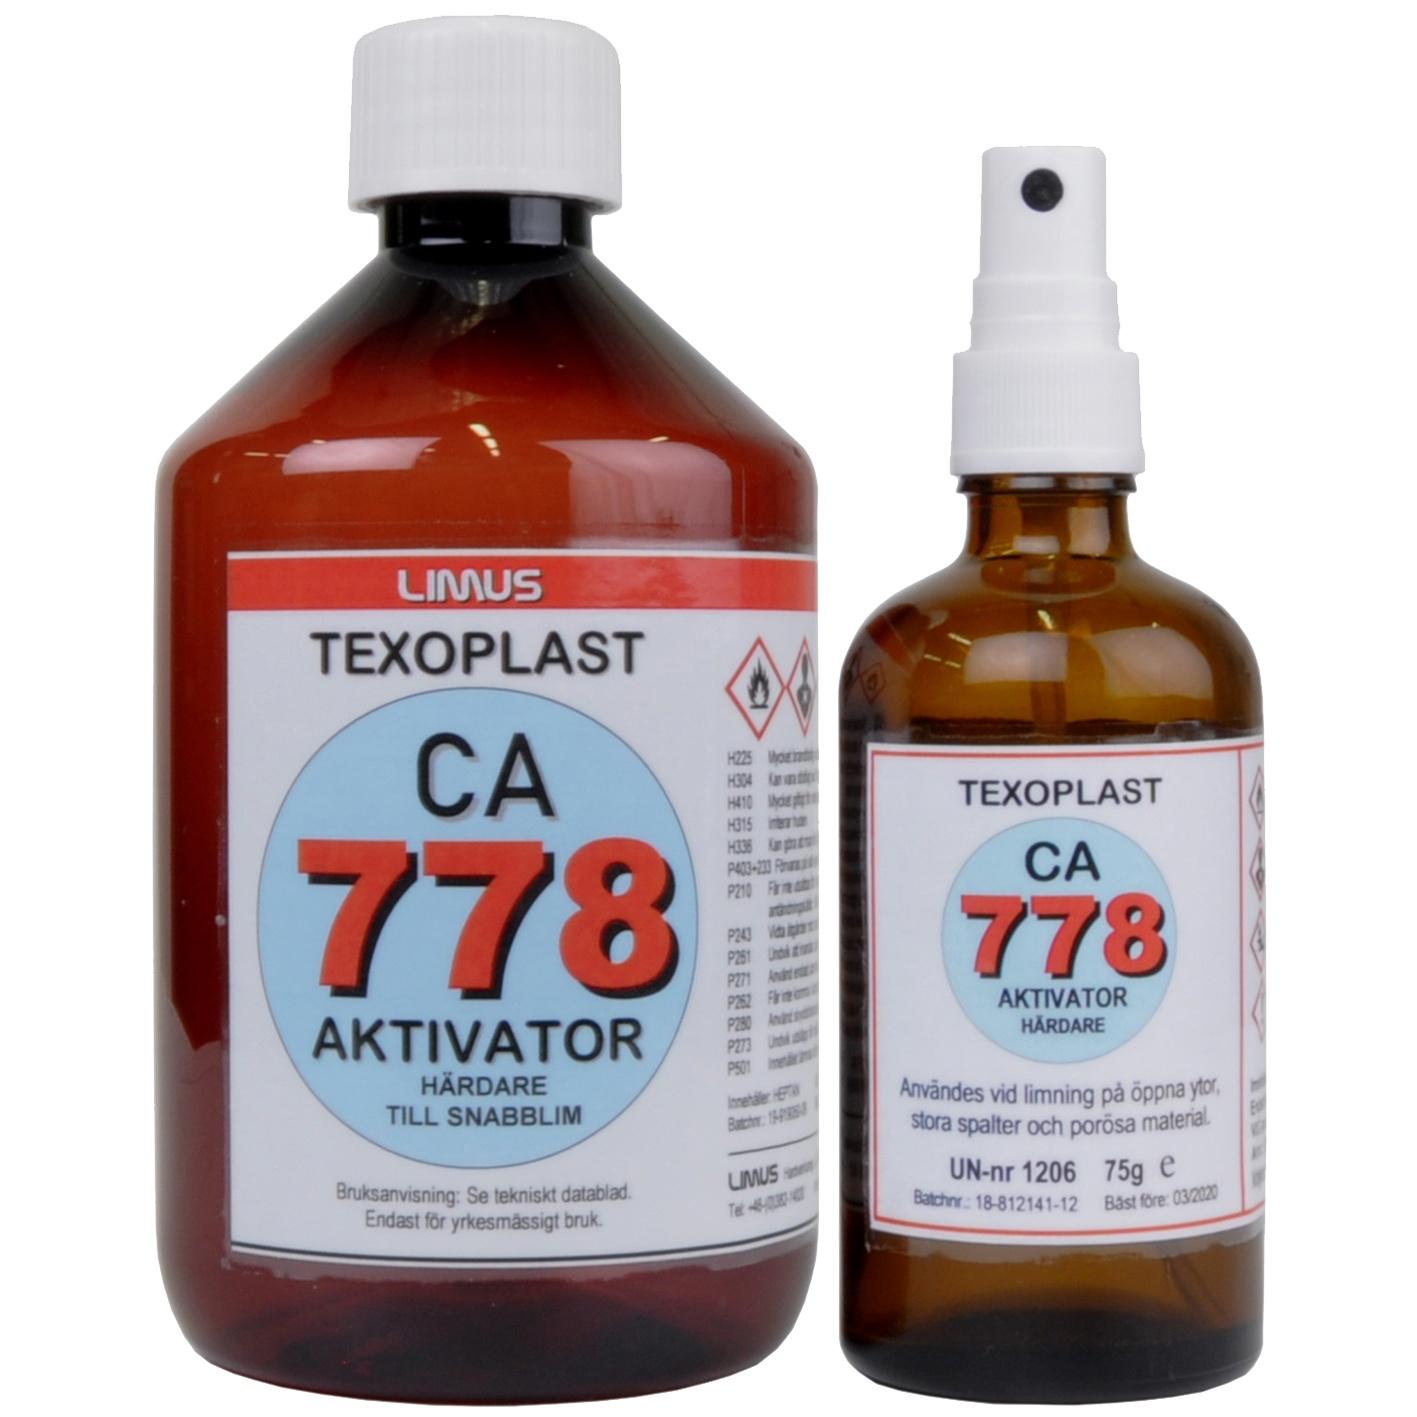 TEXOPLAST CA778